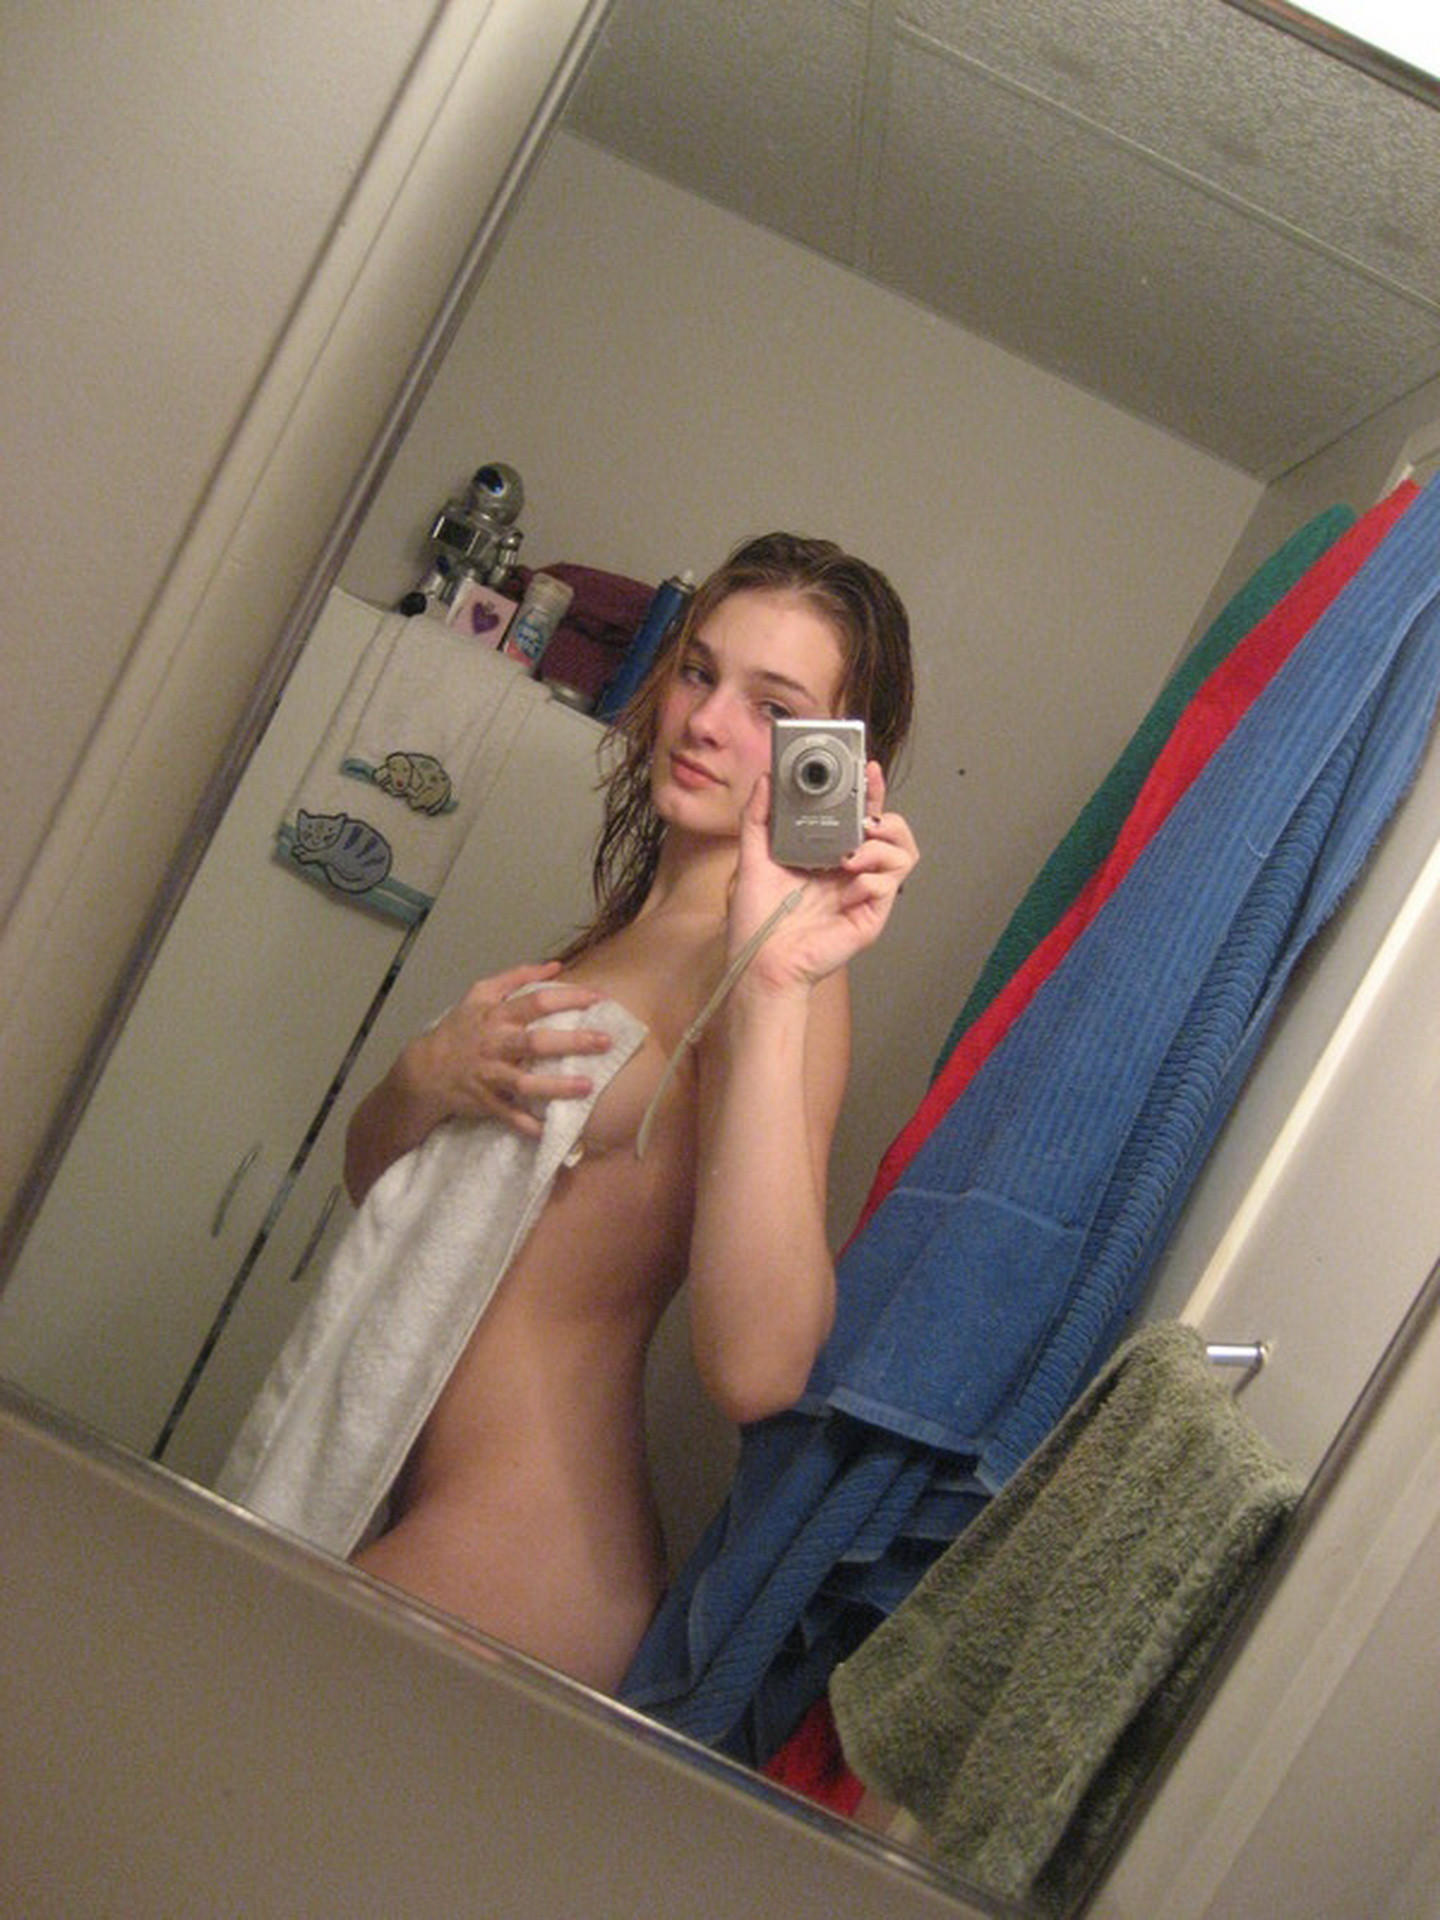 【外人】巨乳おっぱいをカメラ目線で見せつけるポルノ画像 273